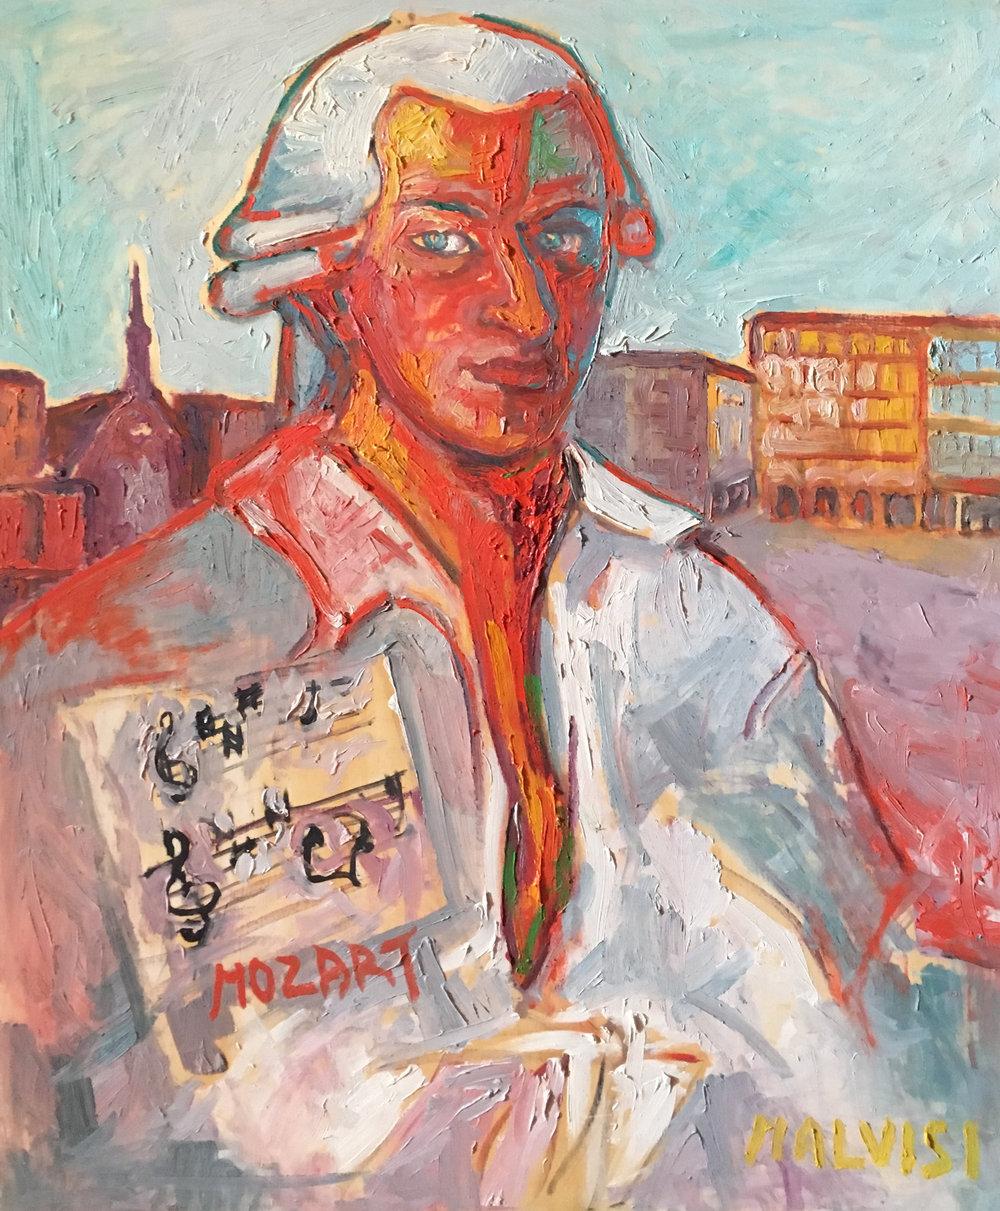 <b>Mozart</b><br> 1987 Oil on wood <br> cm 60 x 80